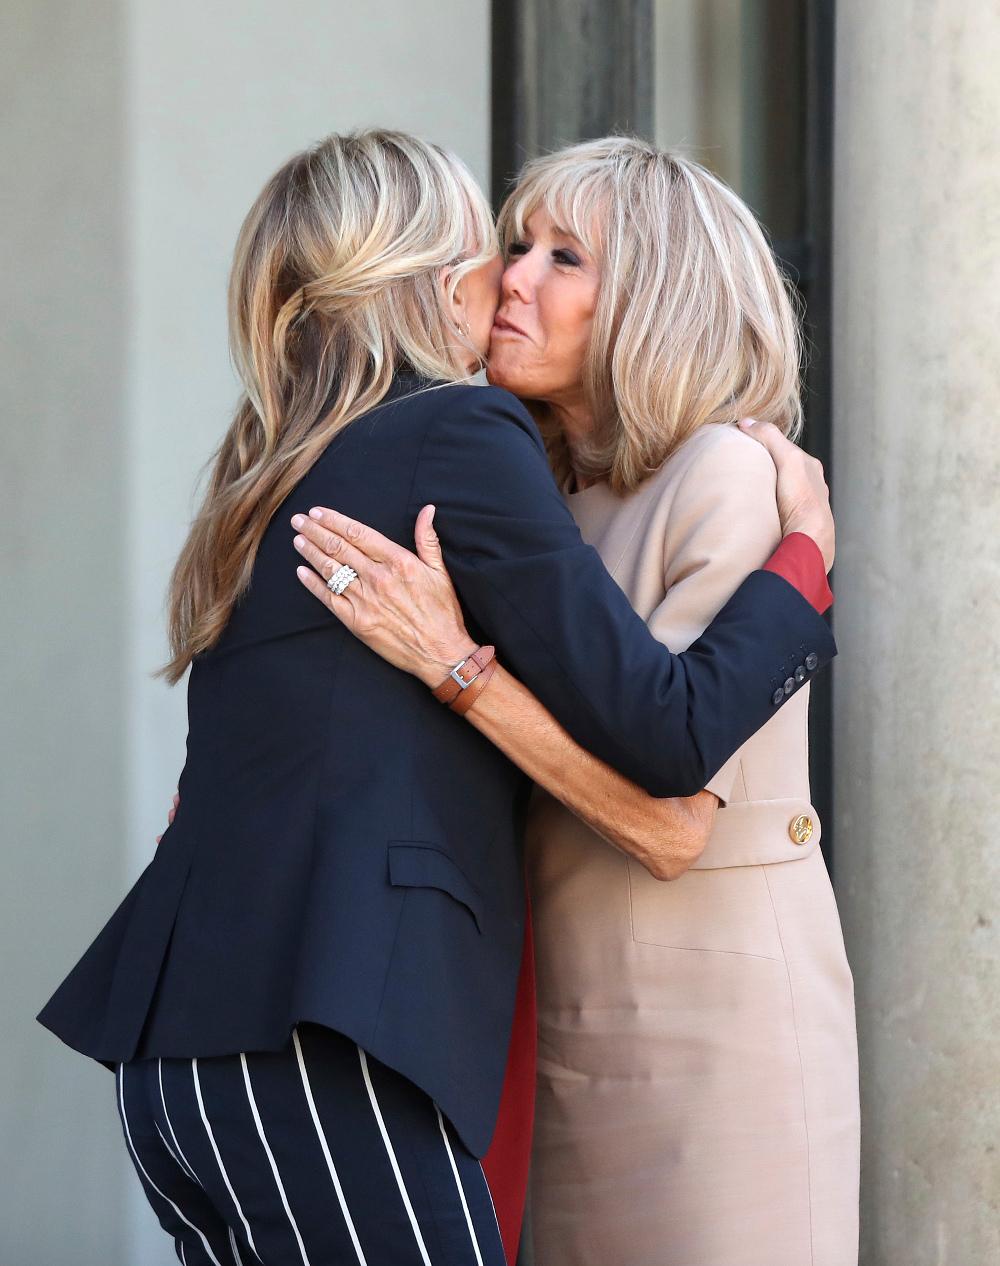 Οι δύο γυναίκες είχαν έναν θερμό εναγκαλισμό κατά την συνάντησή τους